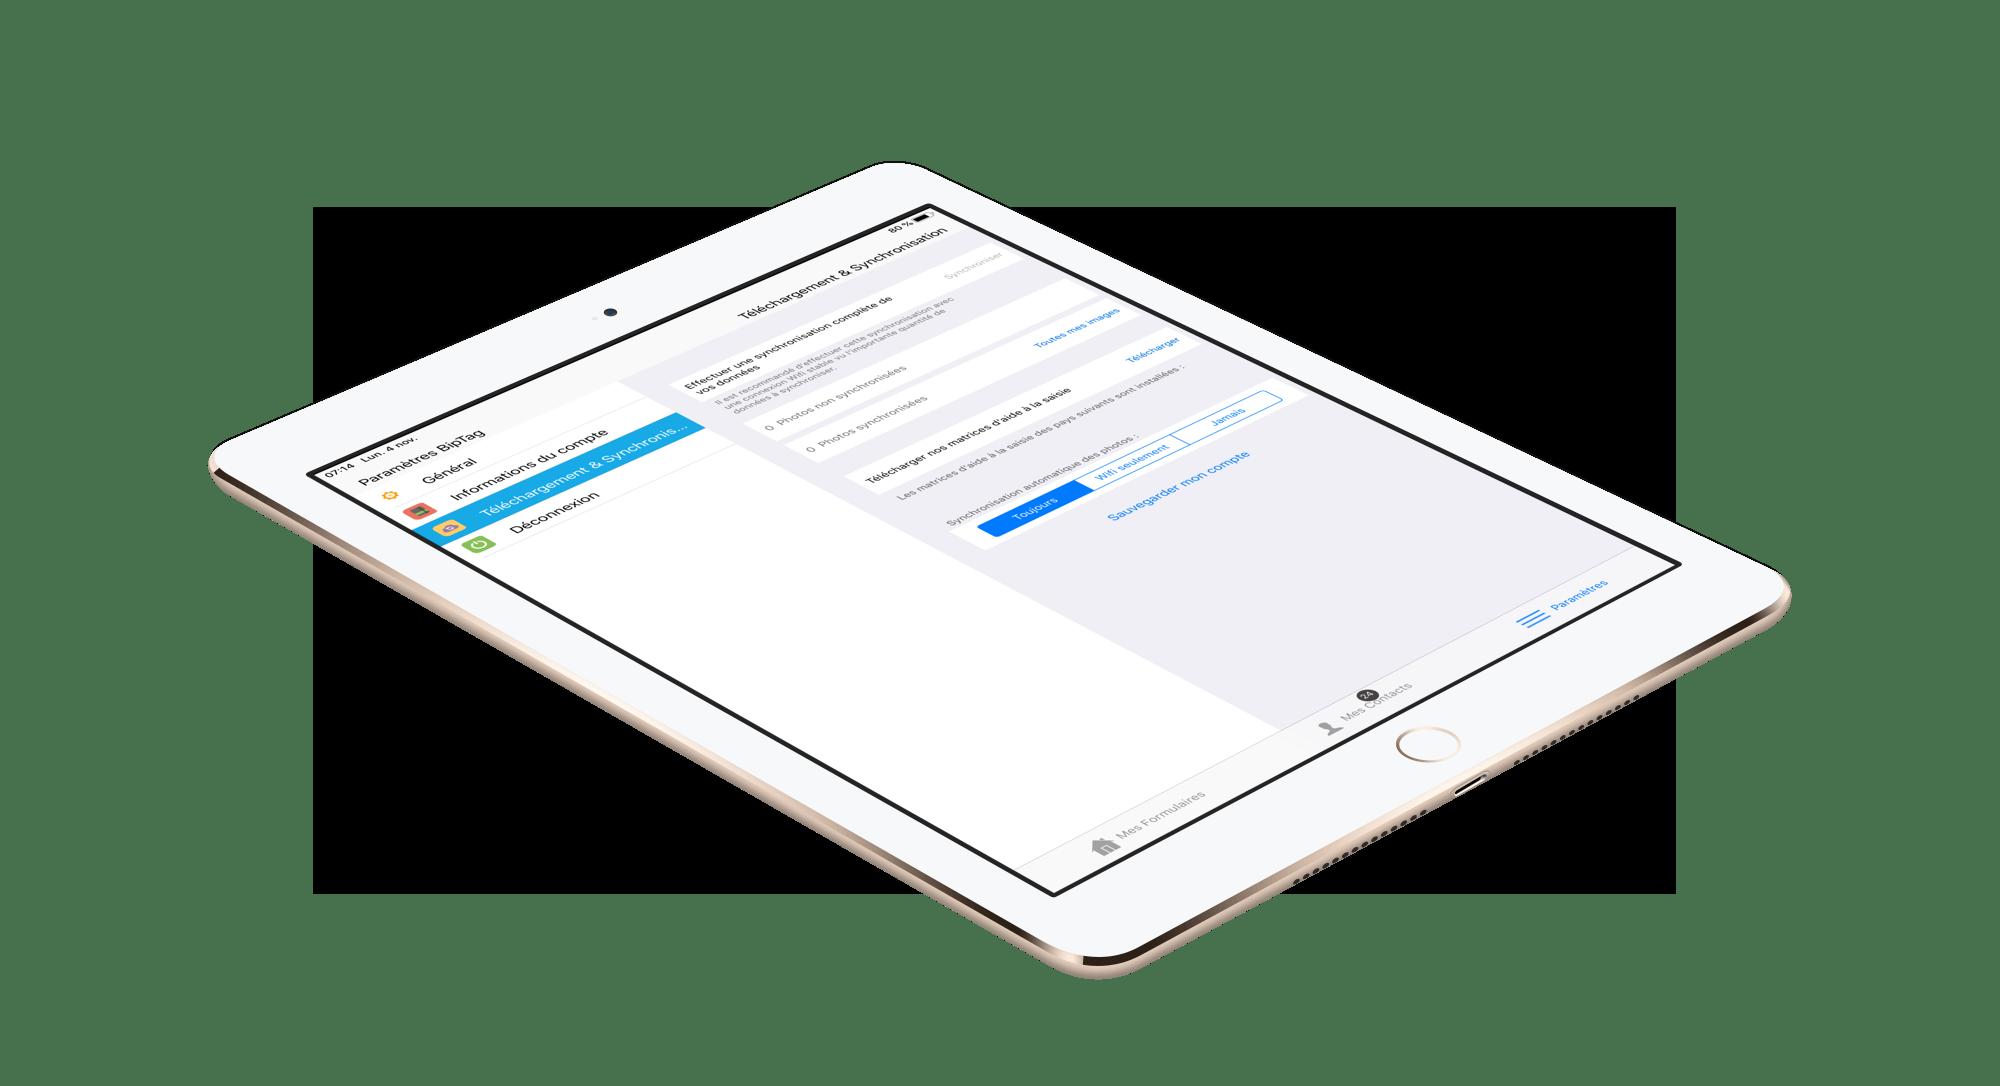 Simplifiez encore votre utilisation avec notre application Mobile, la nouvelle version est bientôt disponible